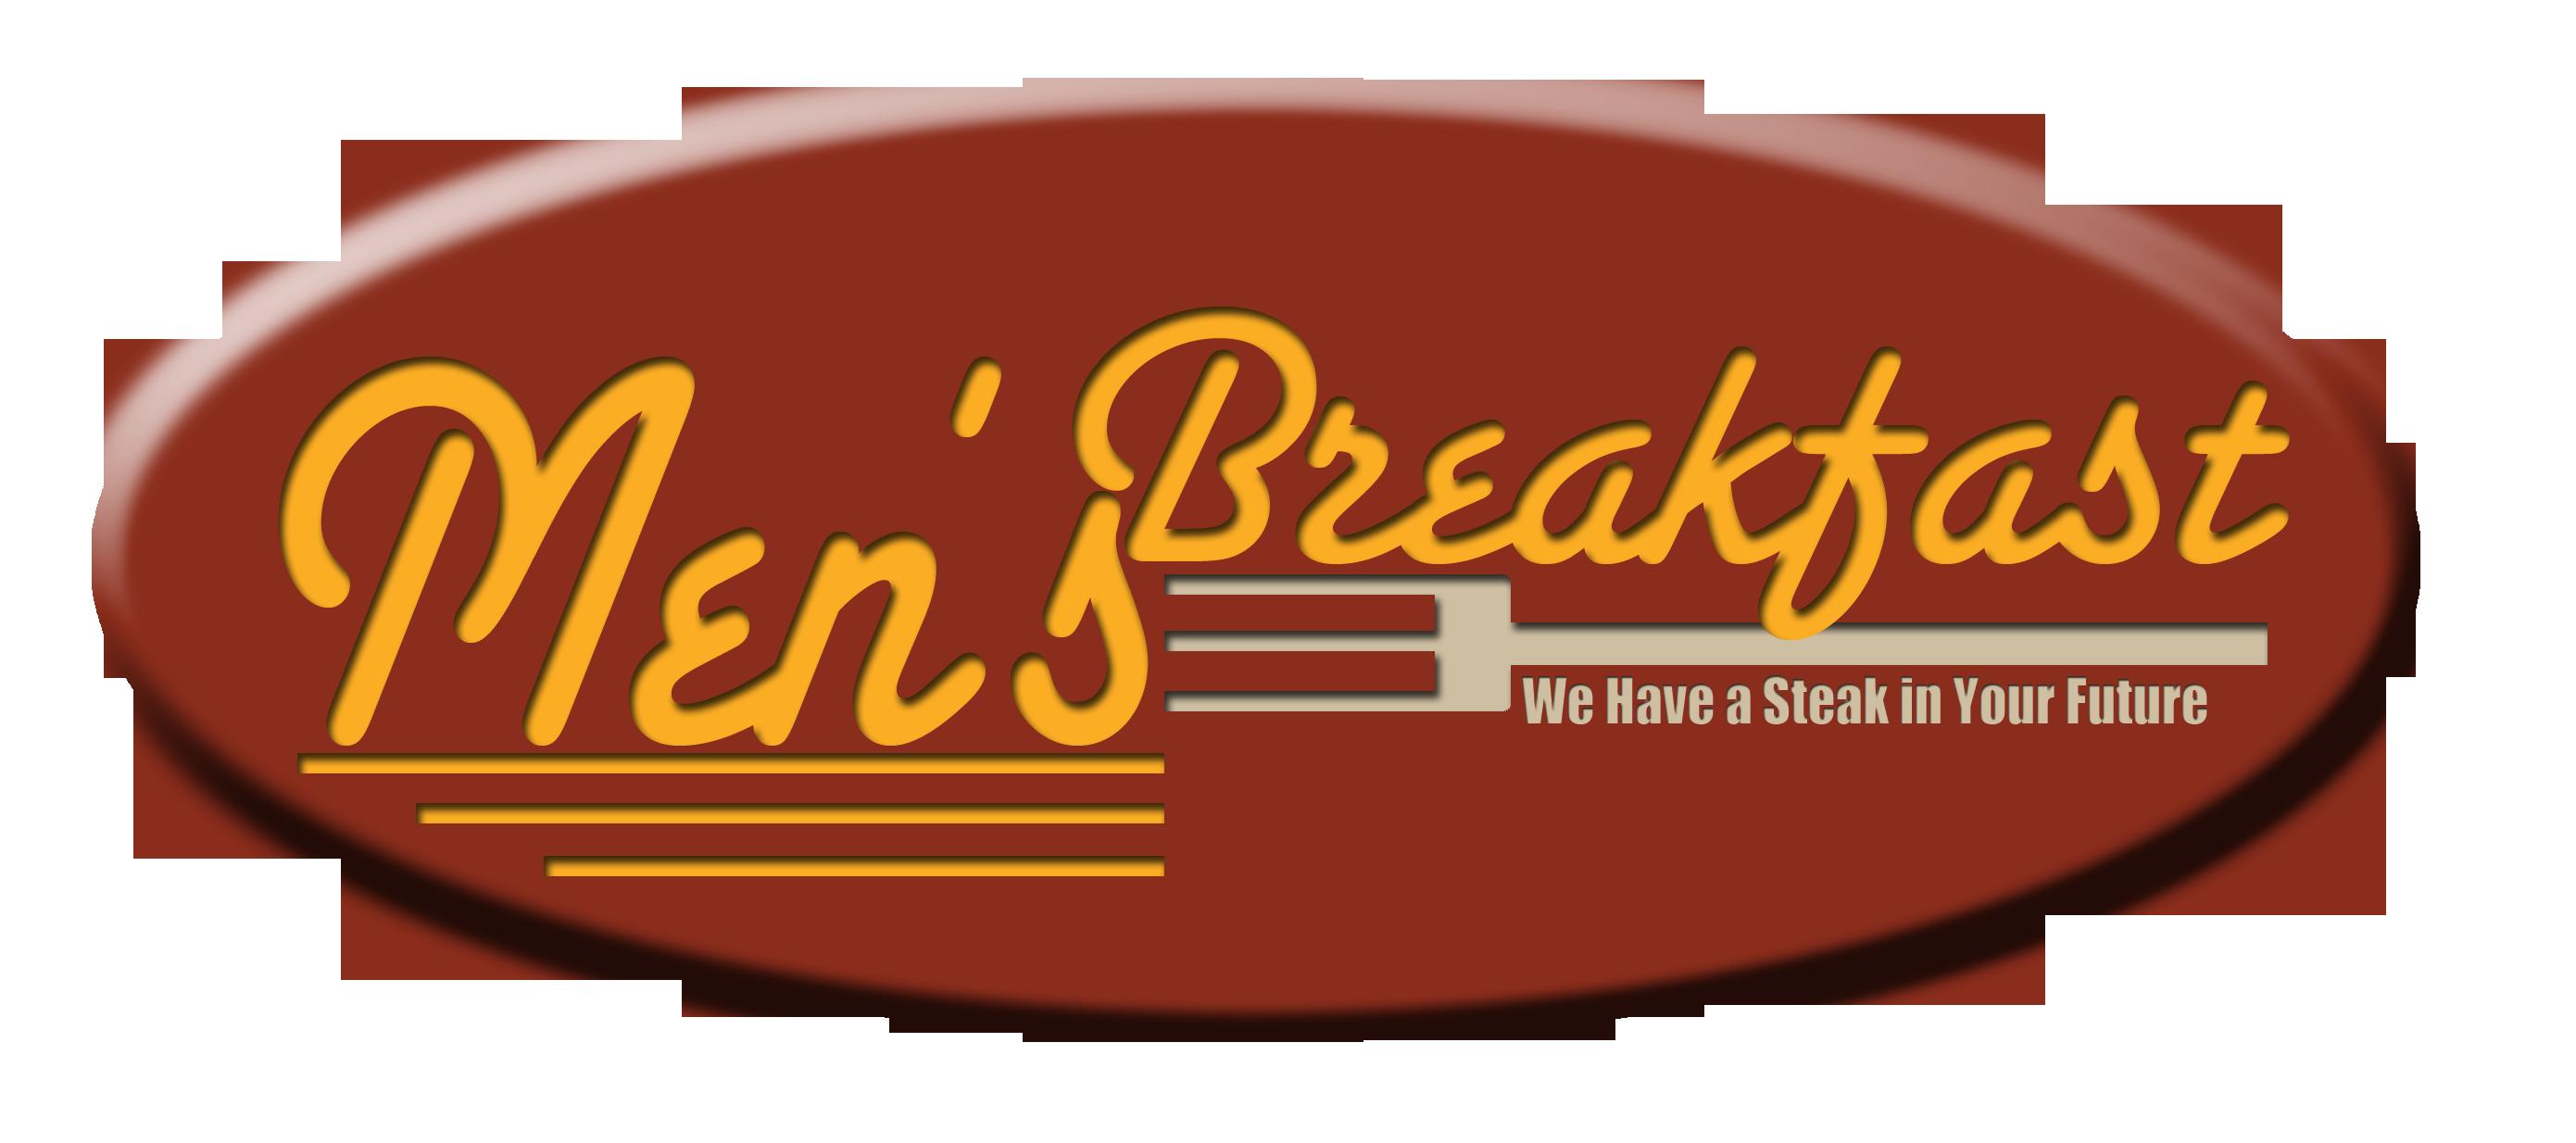 Womenu0026Church Brunch Clipart - Mens Breakfast PNG